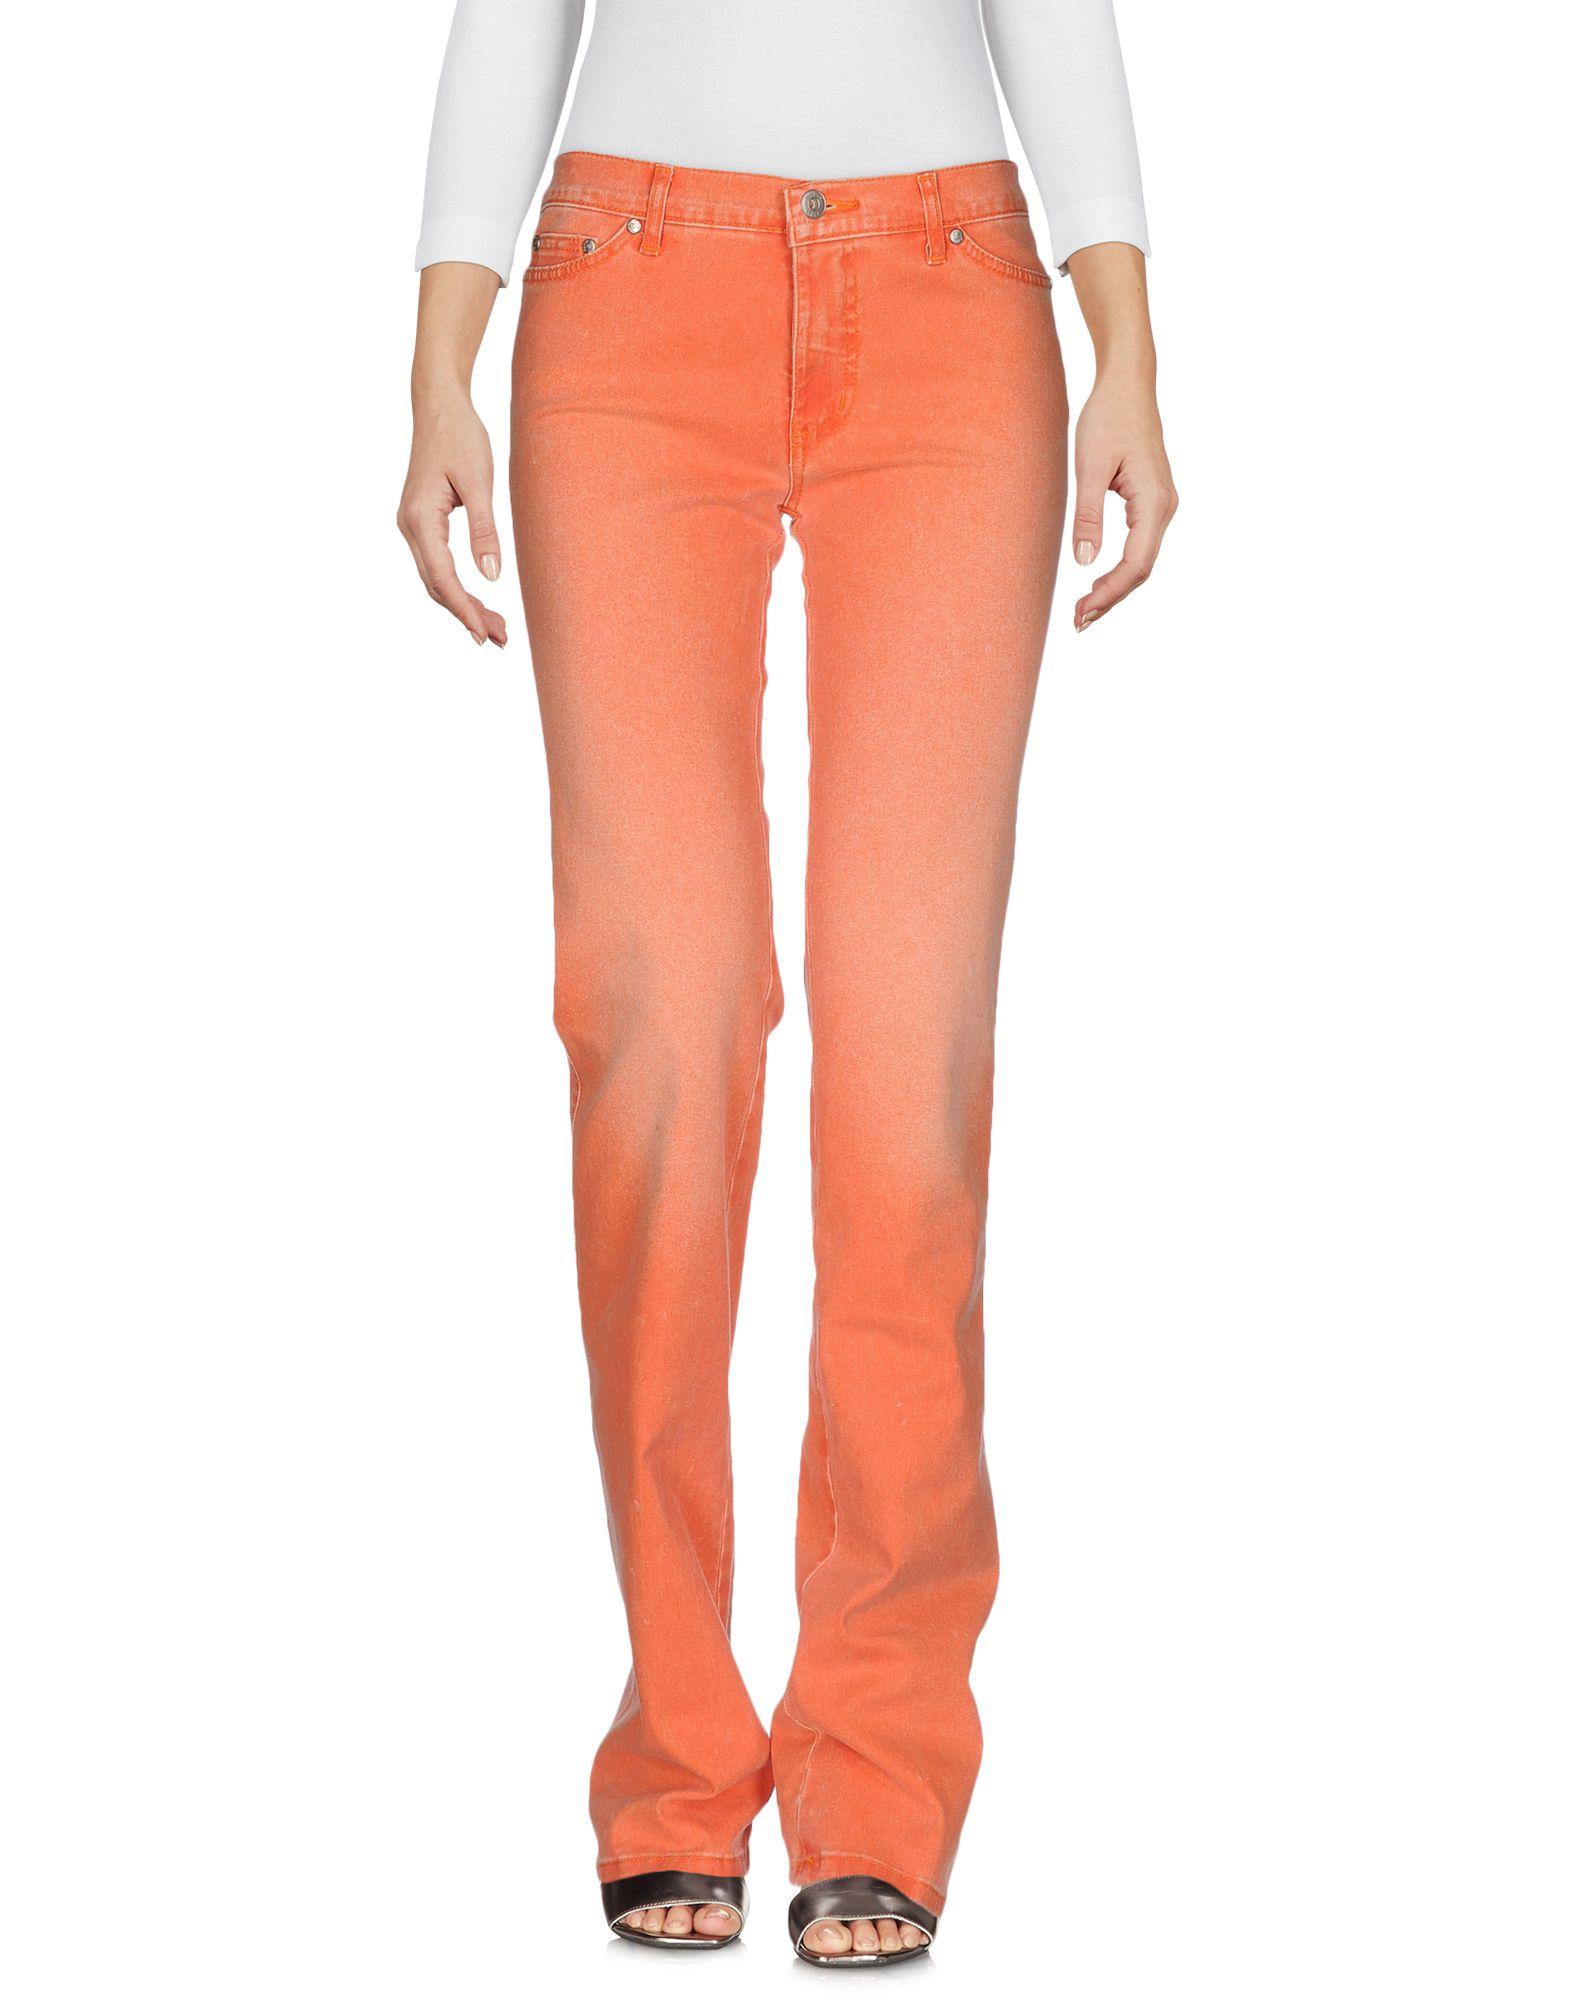 купить BLU BYBLOS Джинсовые брюки по цене 2150 рублей